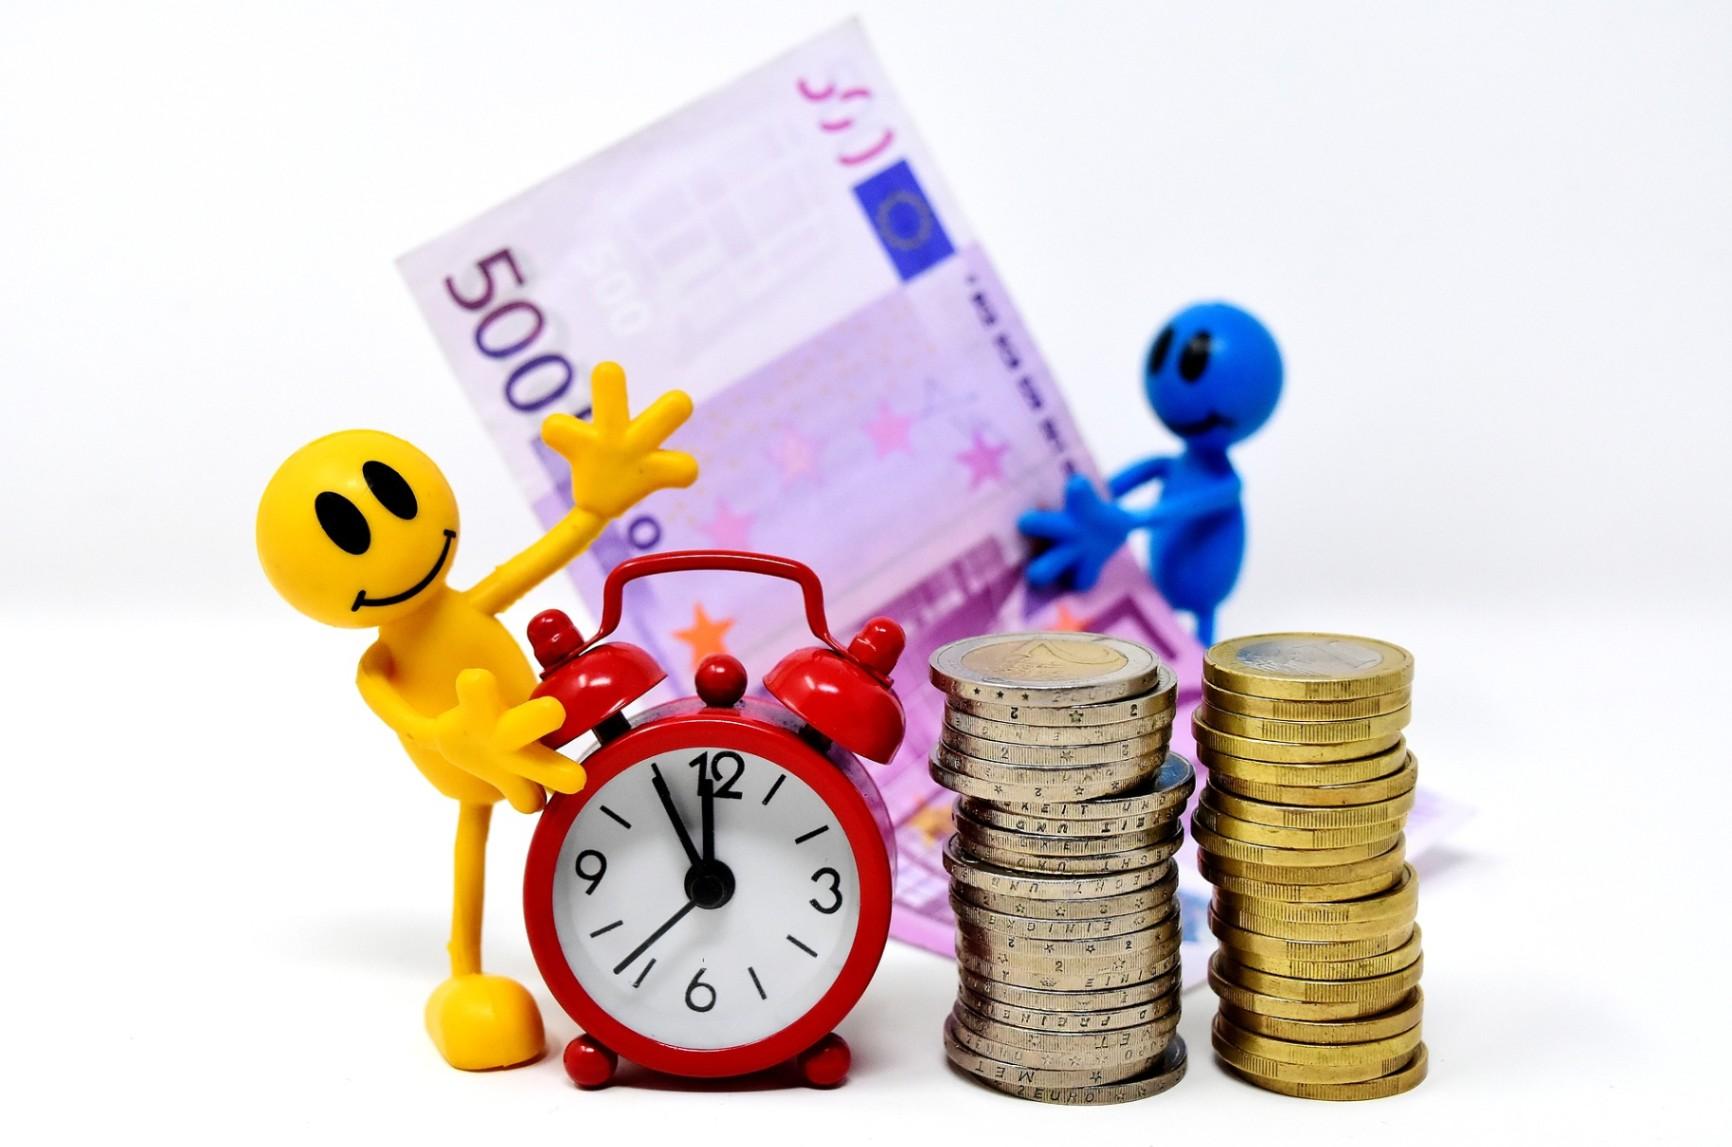 Comment Souscrire au Prêt Personnel de la Banque Aion - Découvrez-le Ici